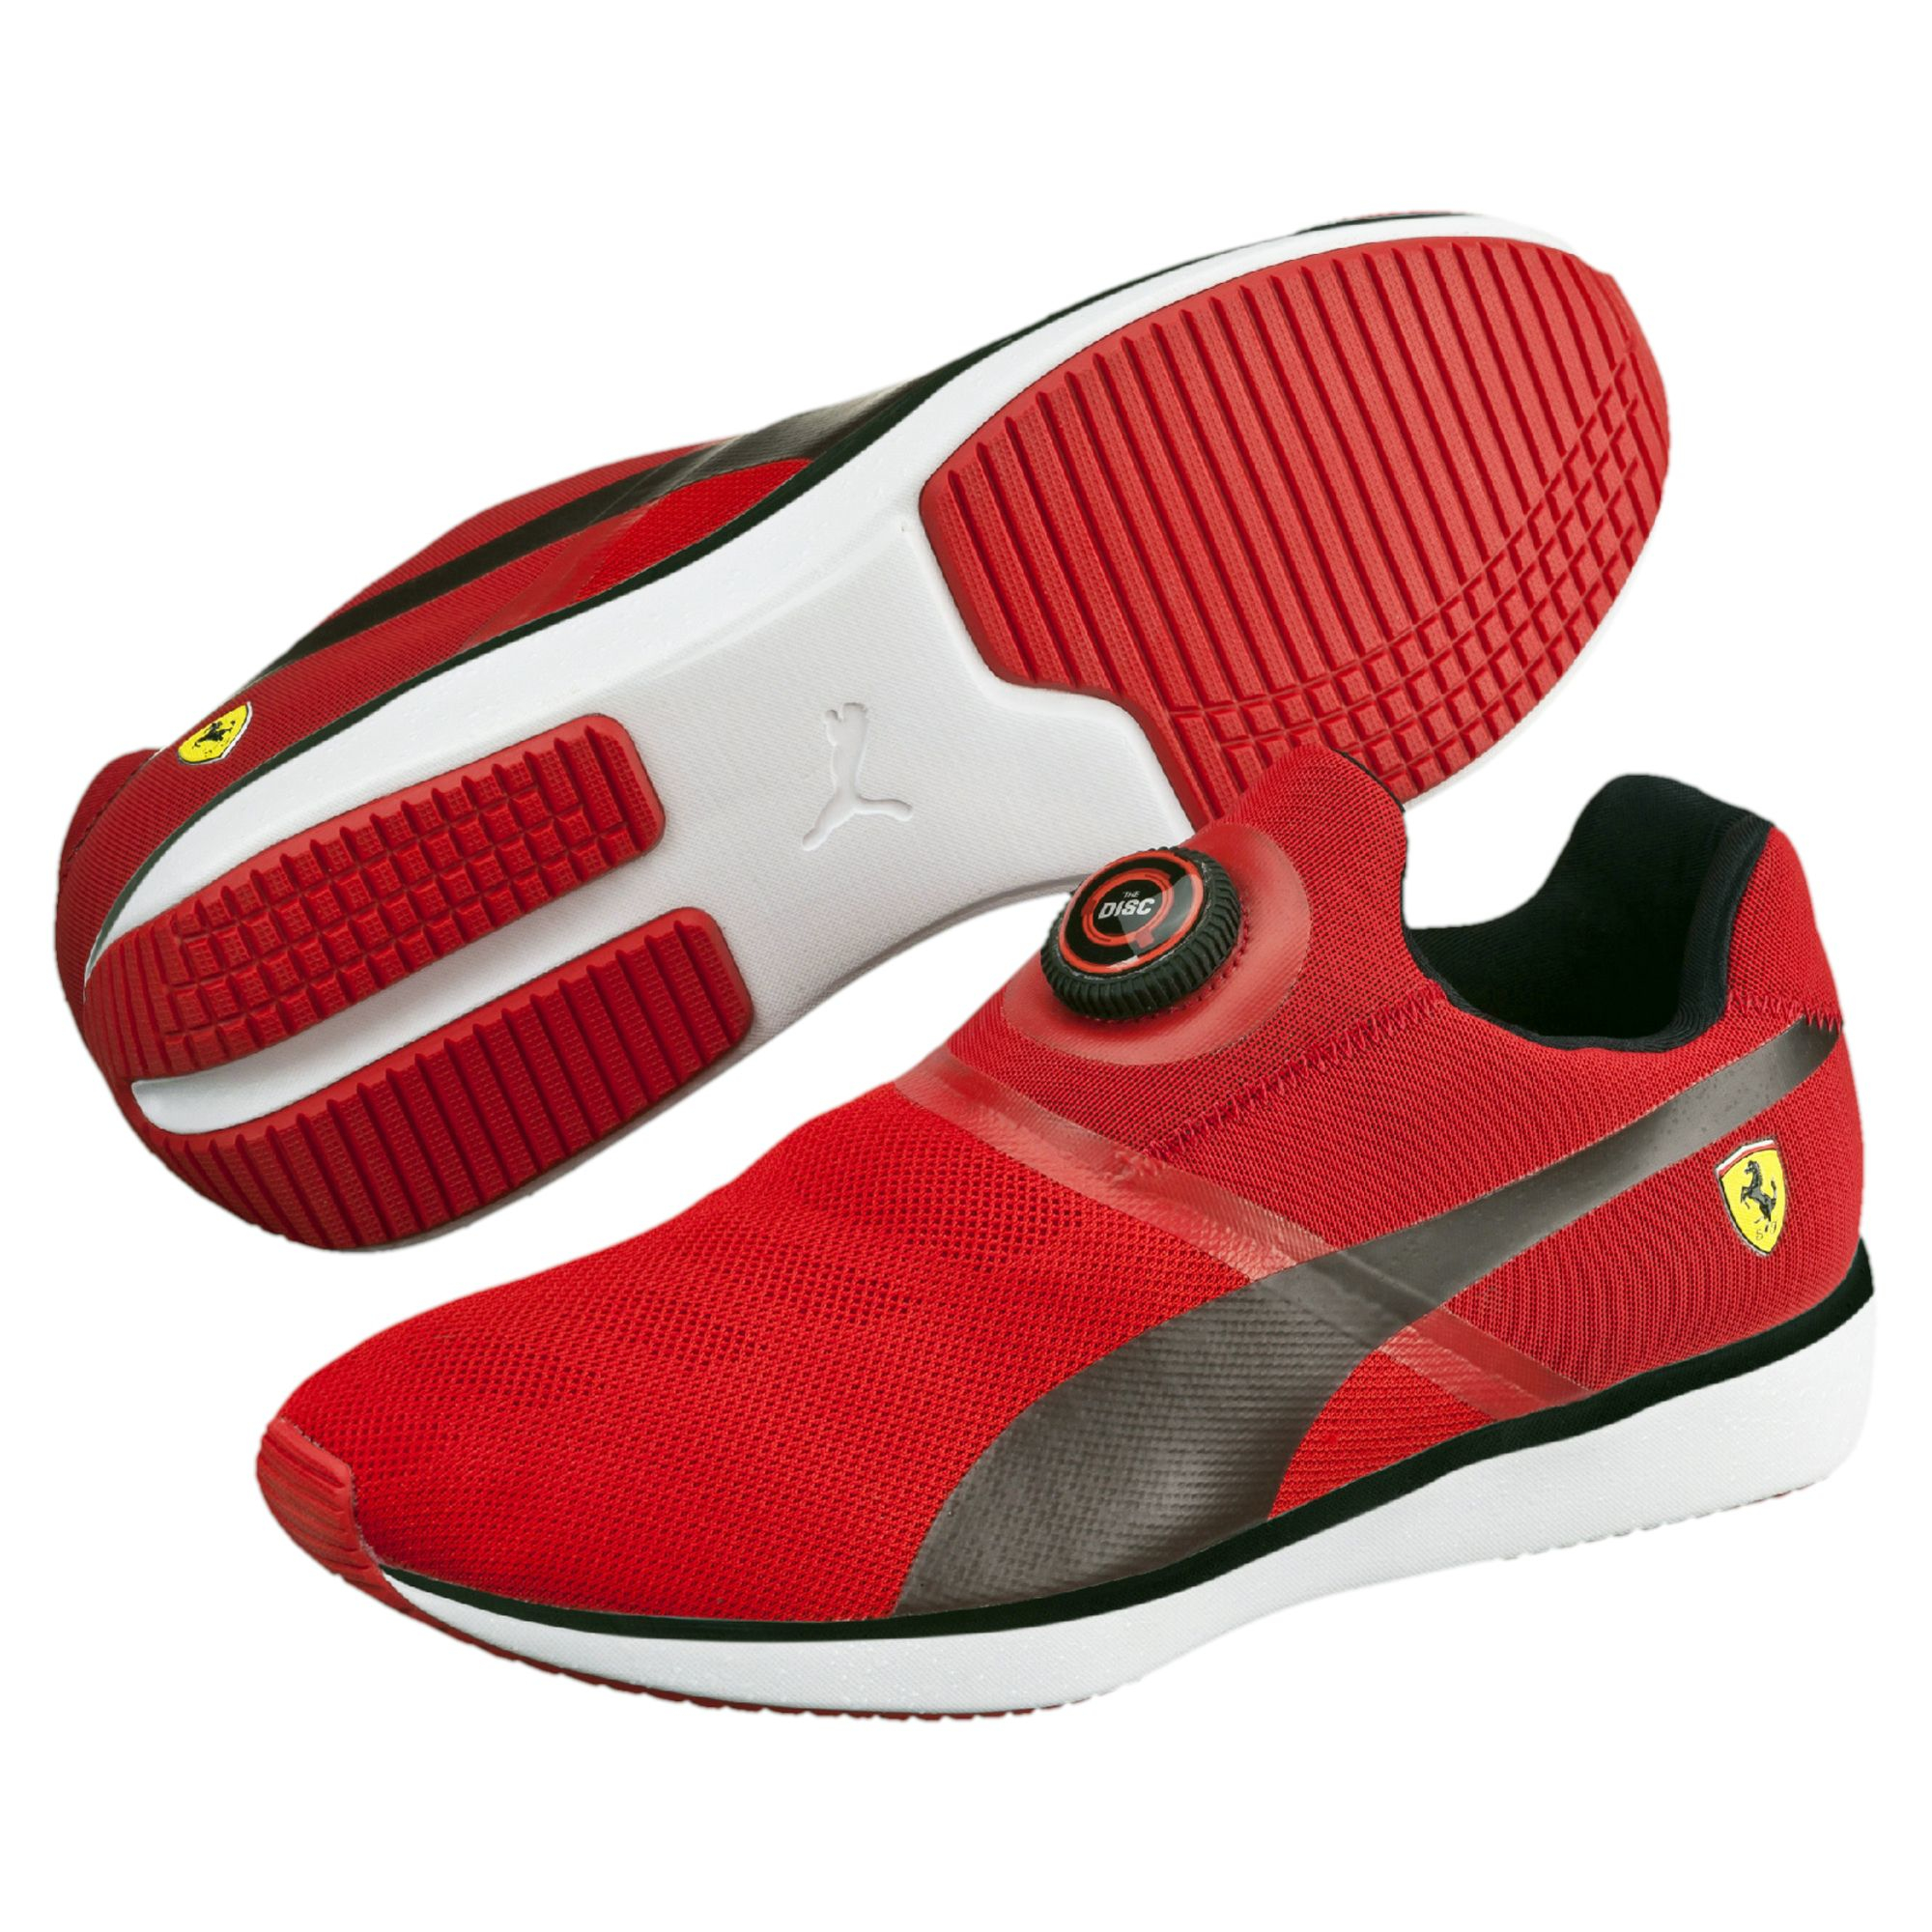 a007a11d9a0 Lyst - PUMA Ferrari Disc Men s Shoes in White for Men